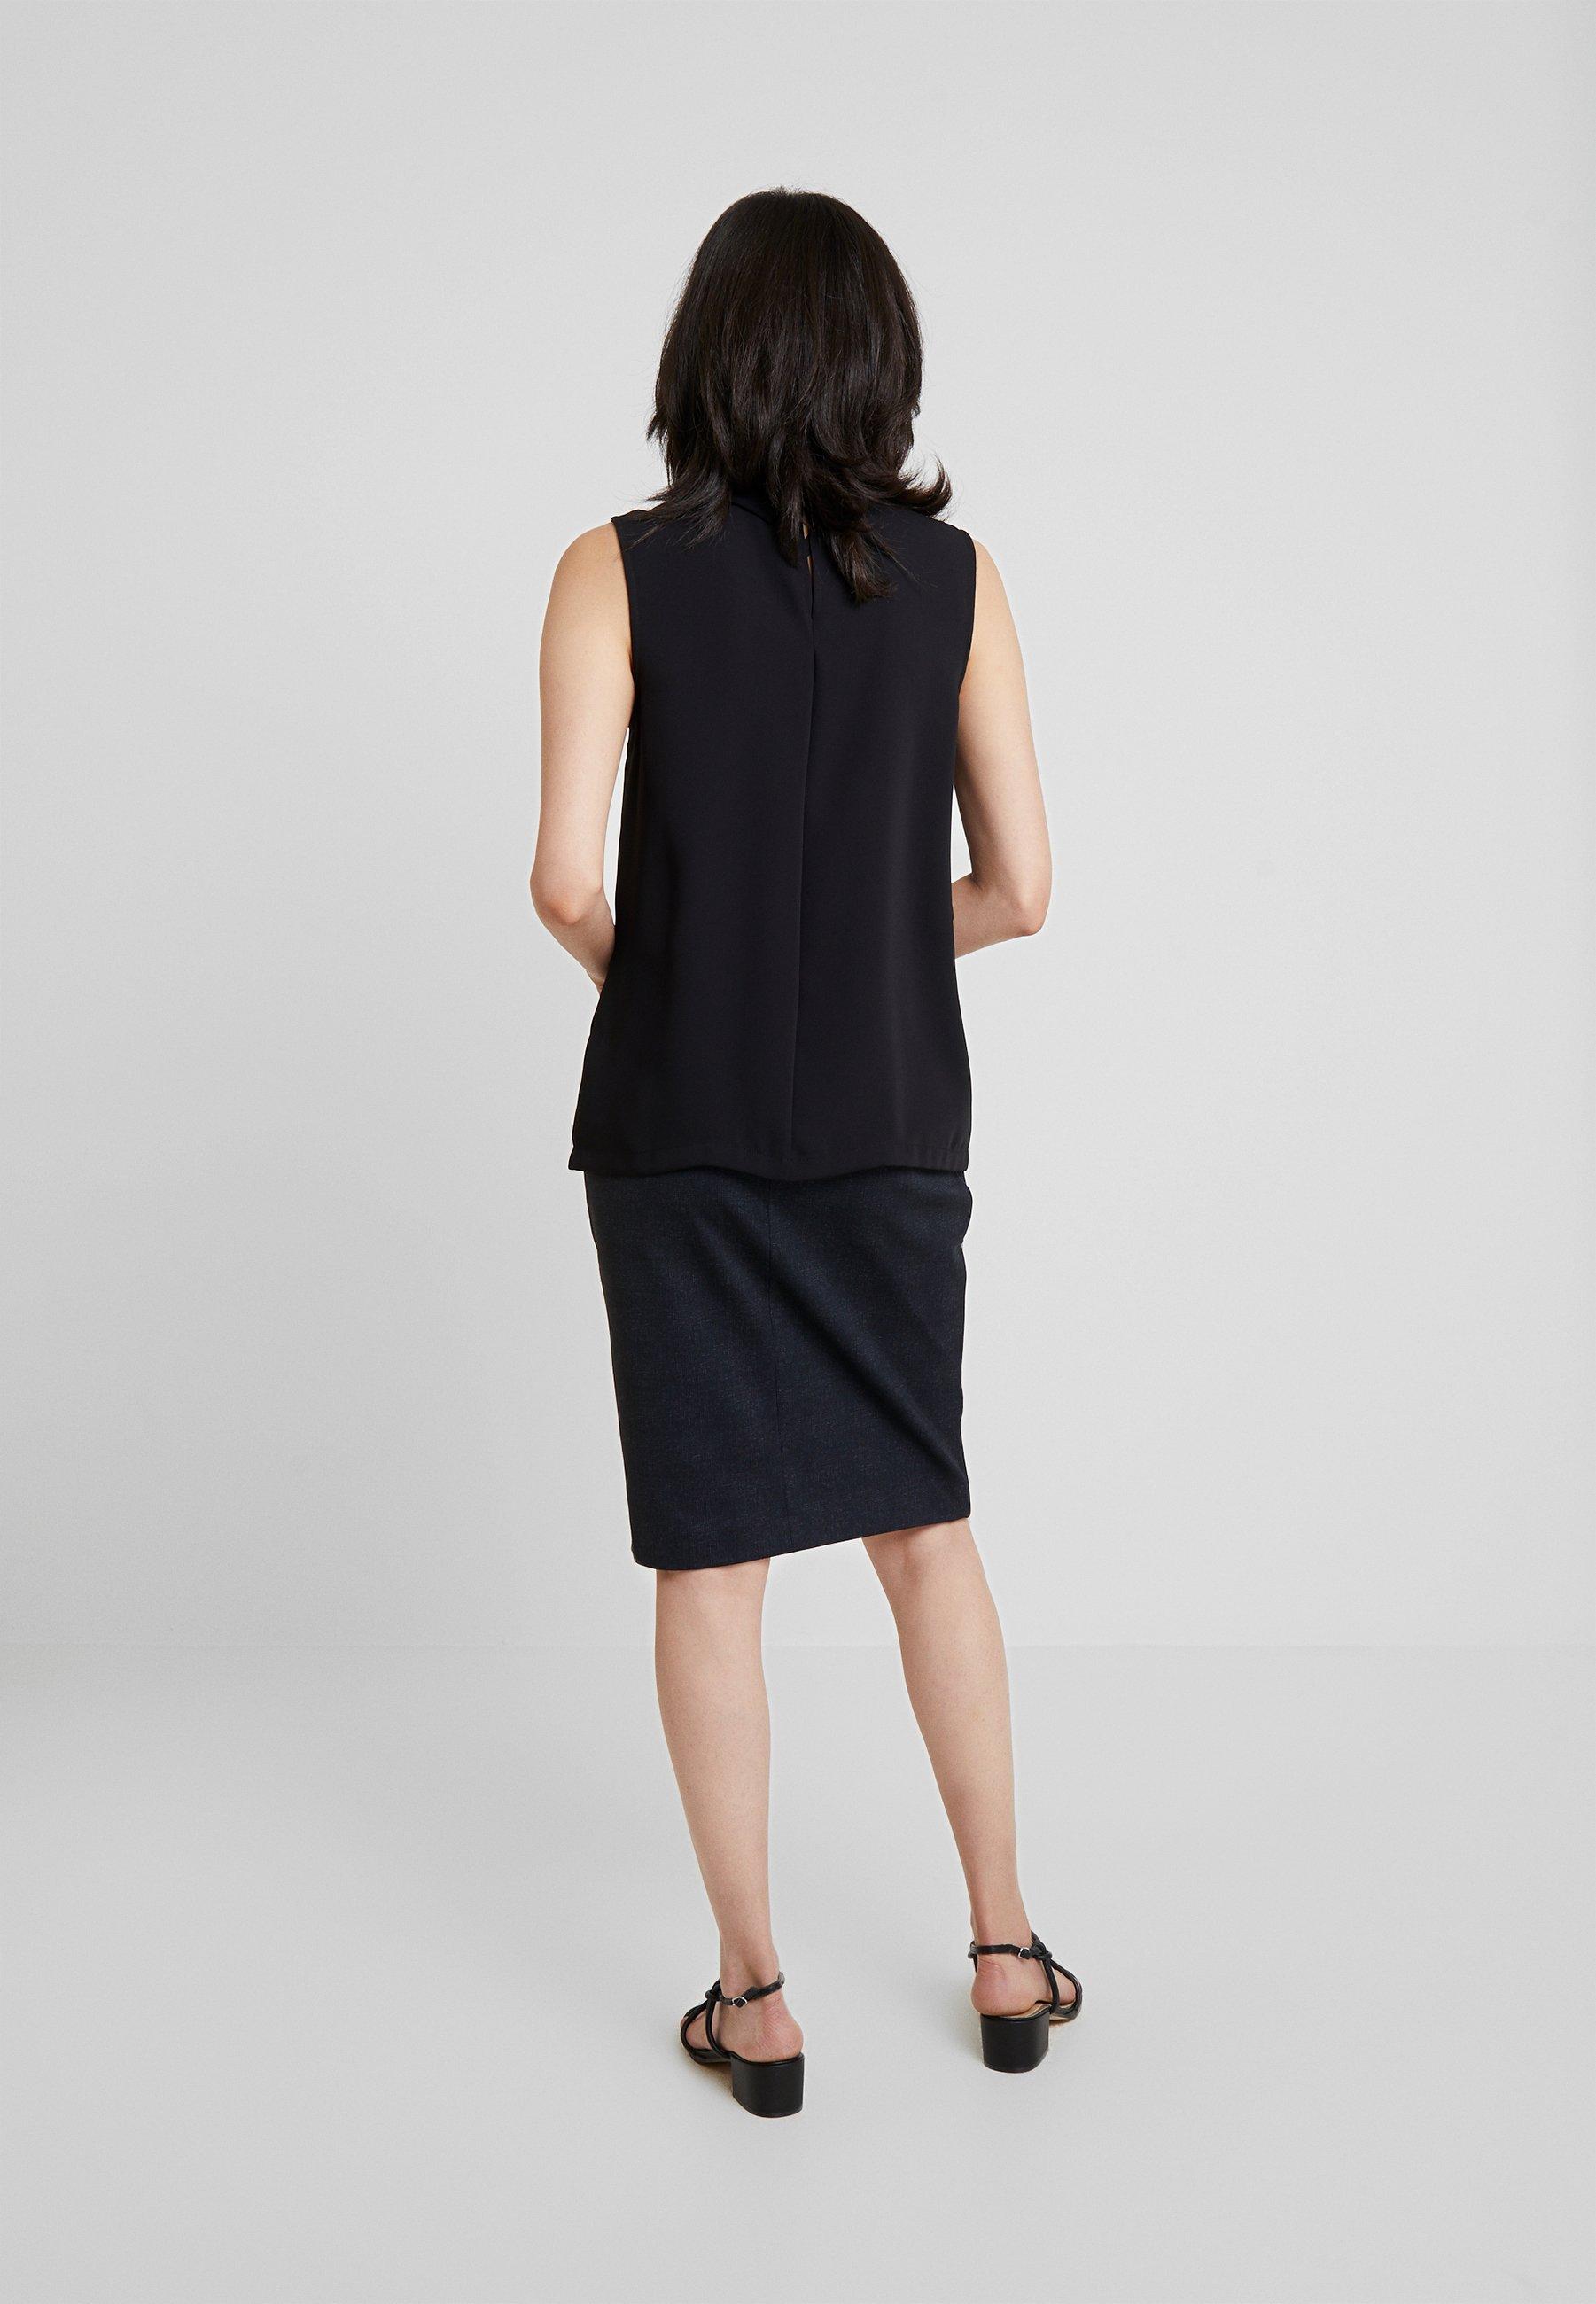 New Esprit DullBlouse Collection Black QrxBoedWC